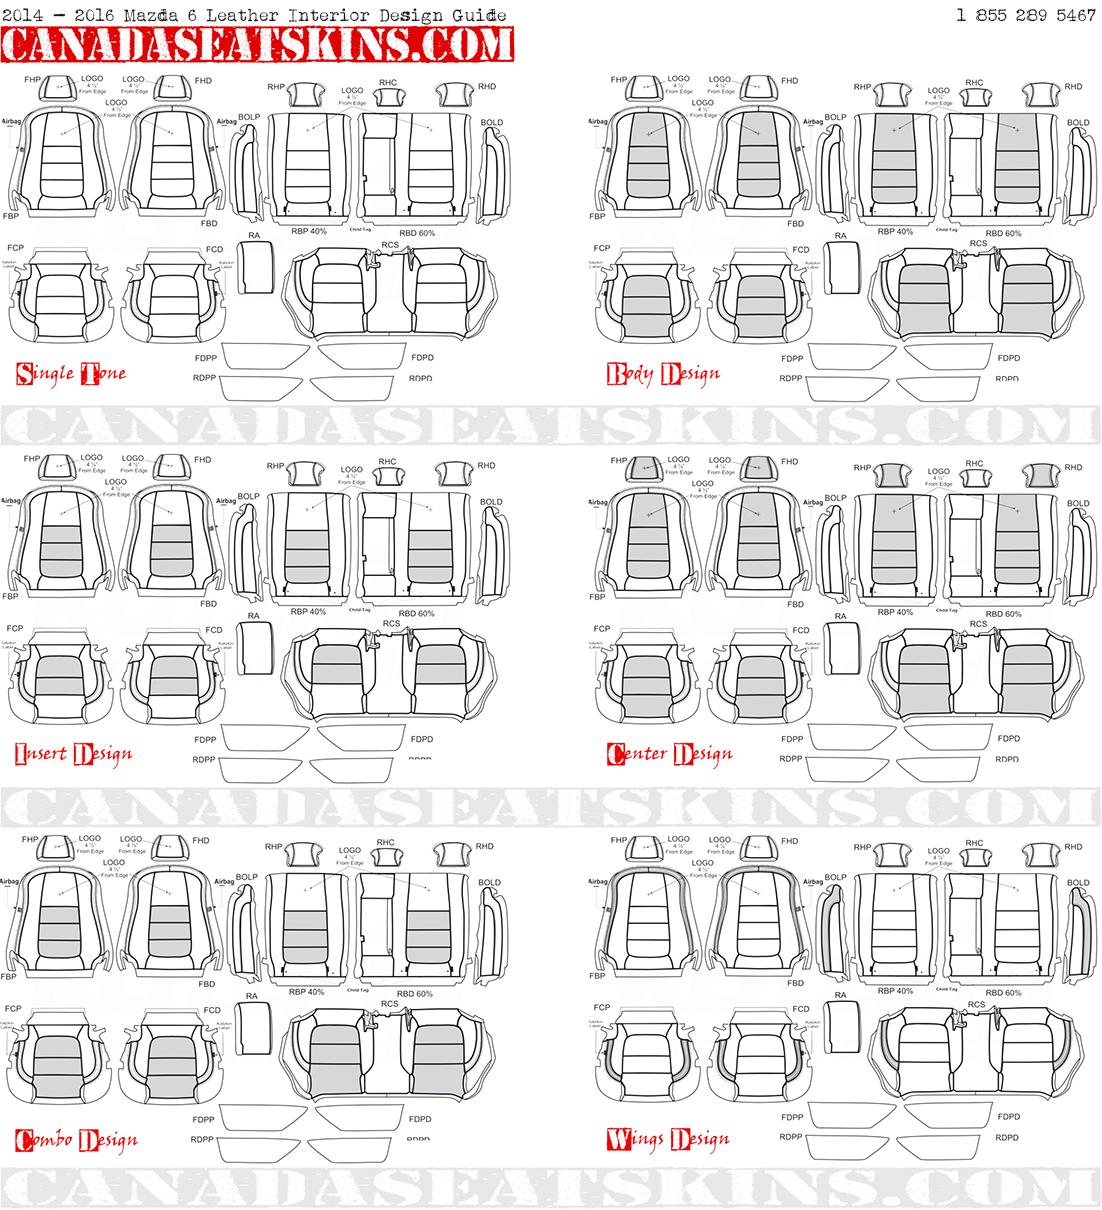 2016 2017 mazda 6 dealer pak leather upholstery kit for Interior design guide